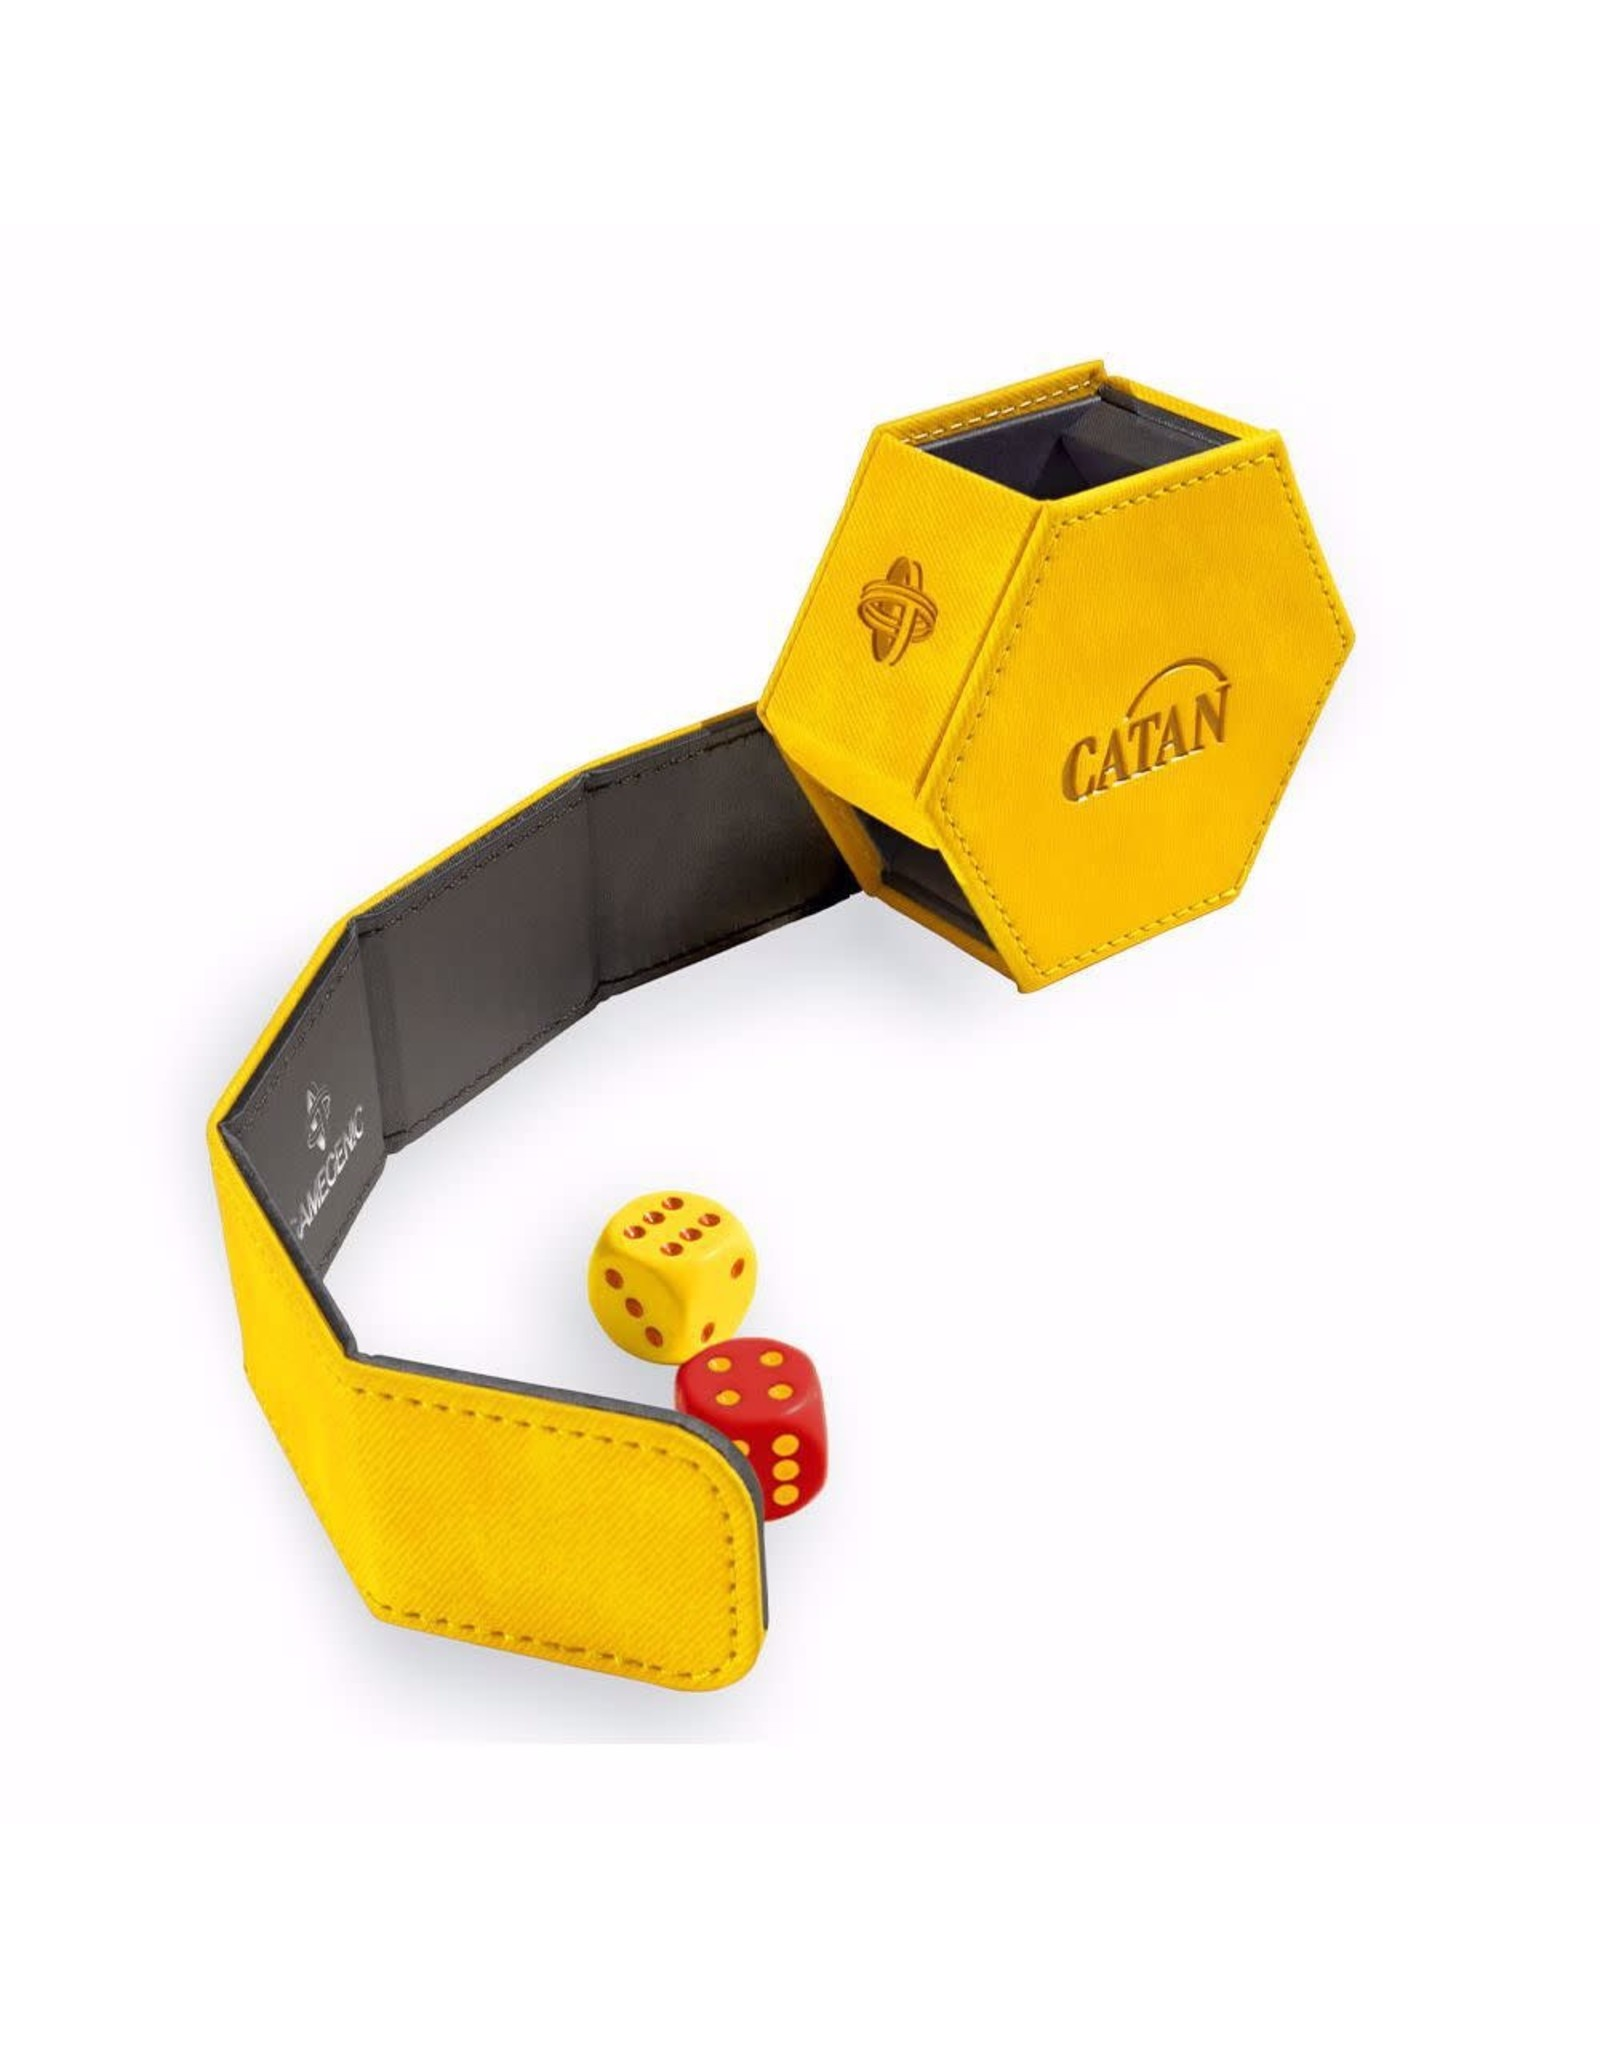 GameGenic Catan Hexatower - Yellow